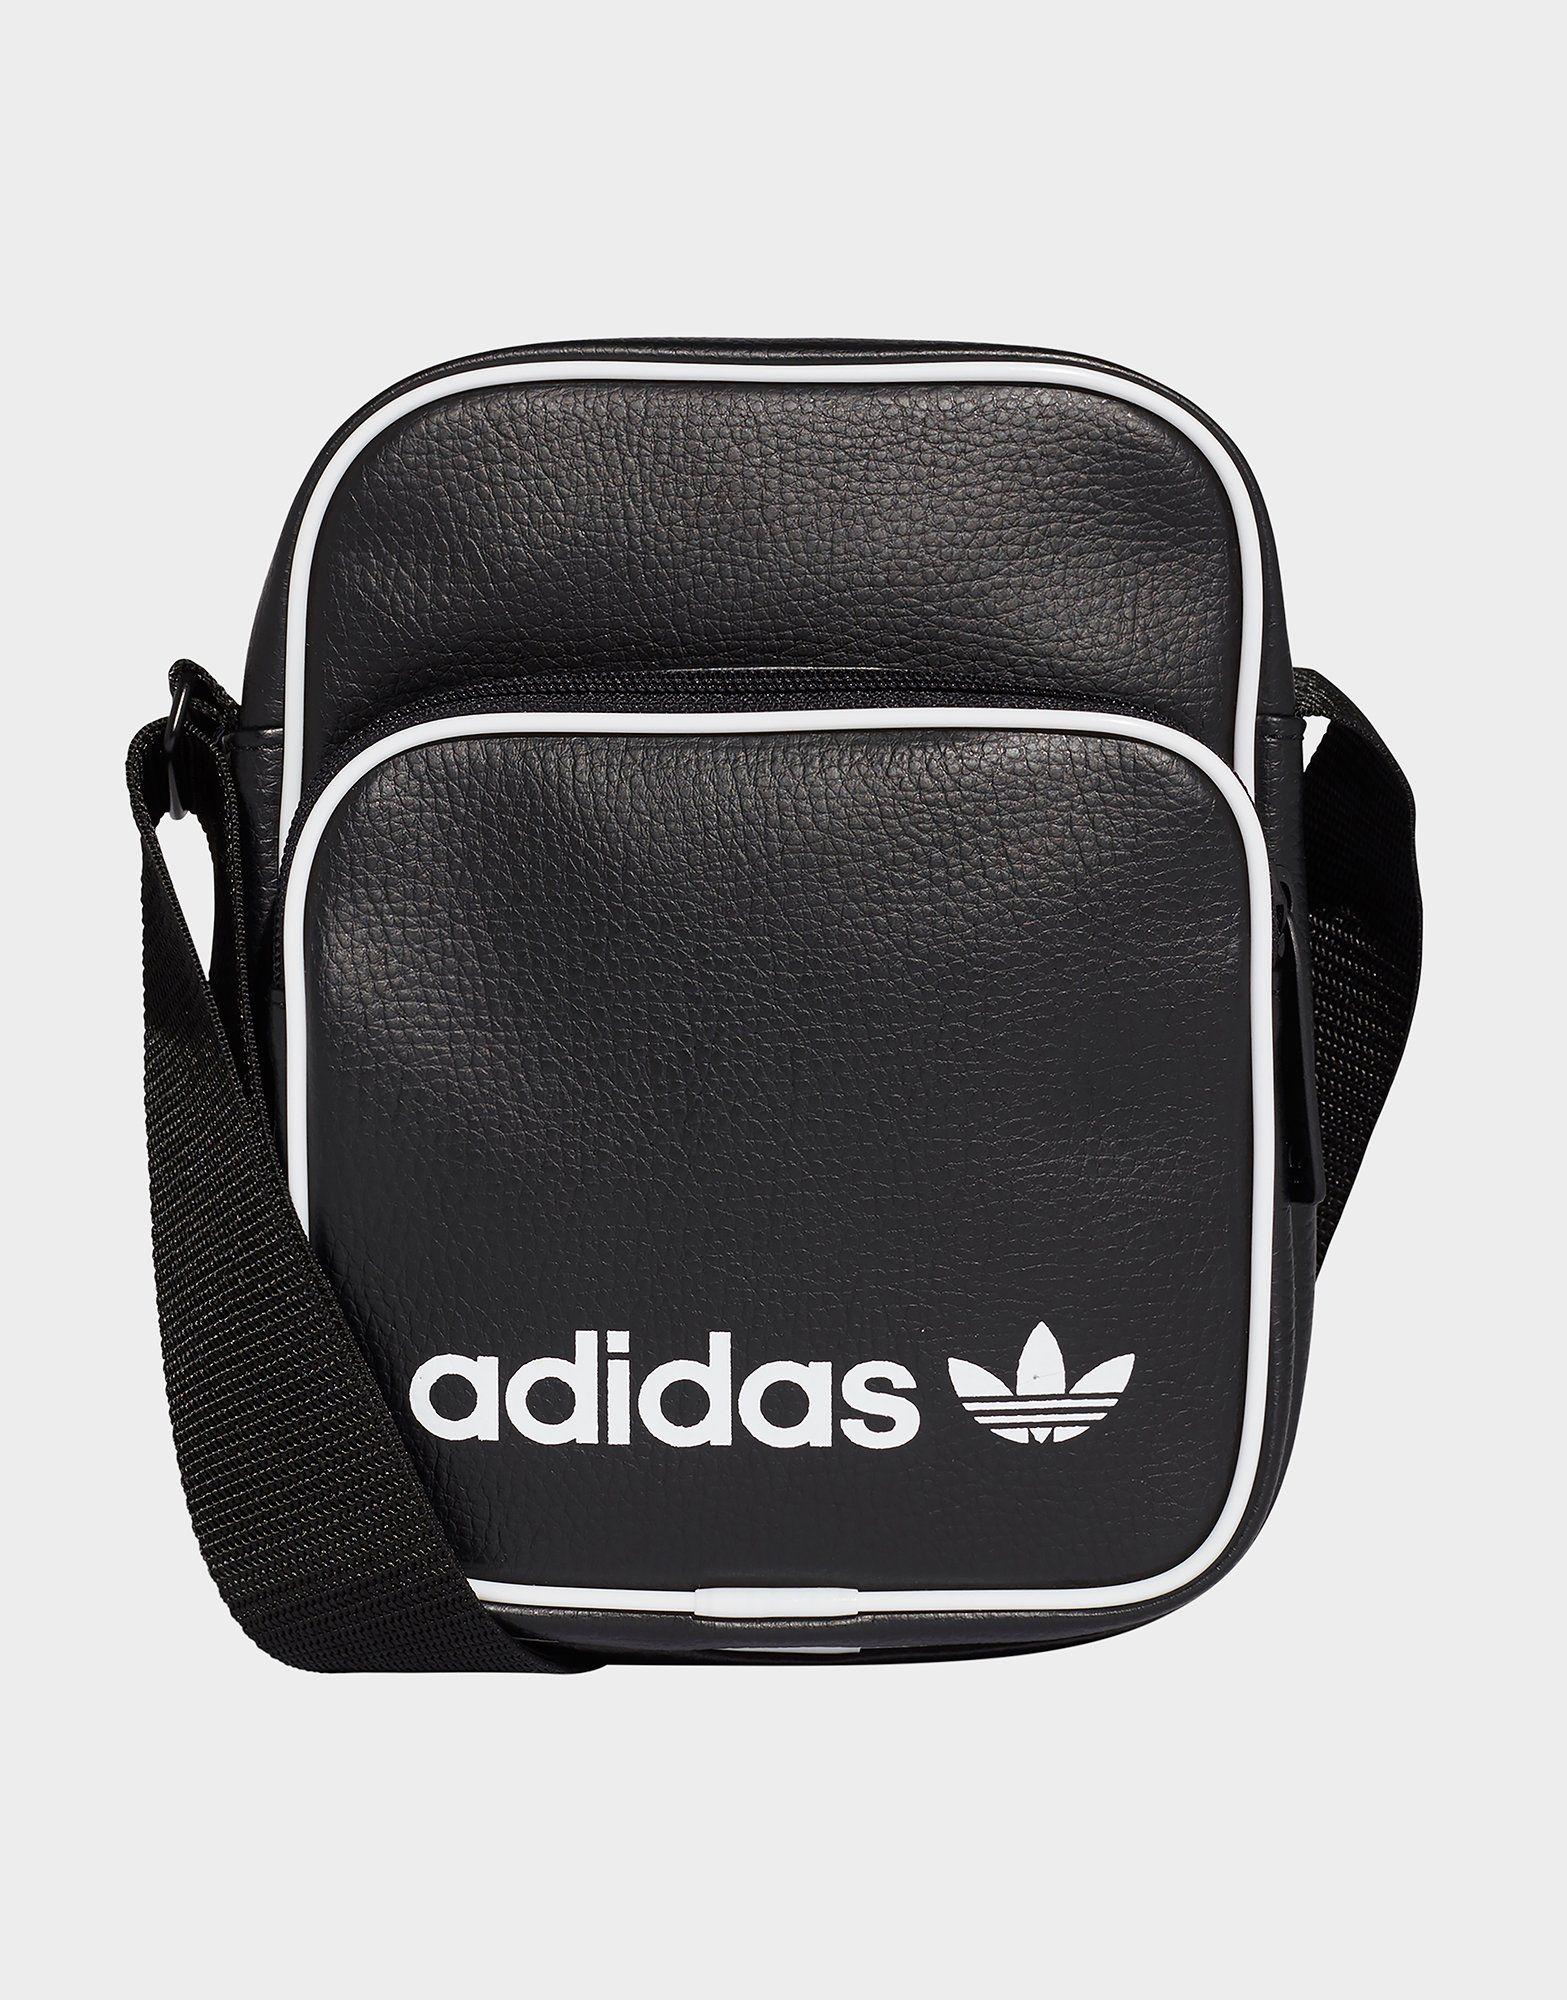 5543f2d102b1 ADIDAS Mini Vintage Bag